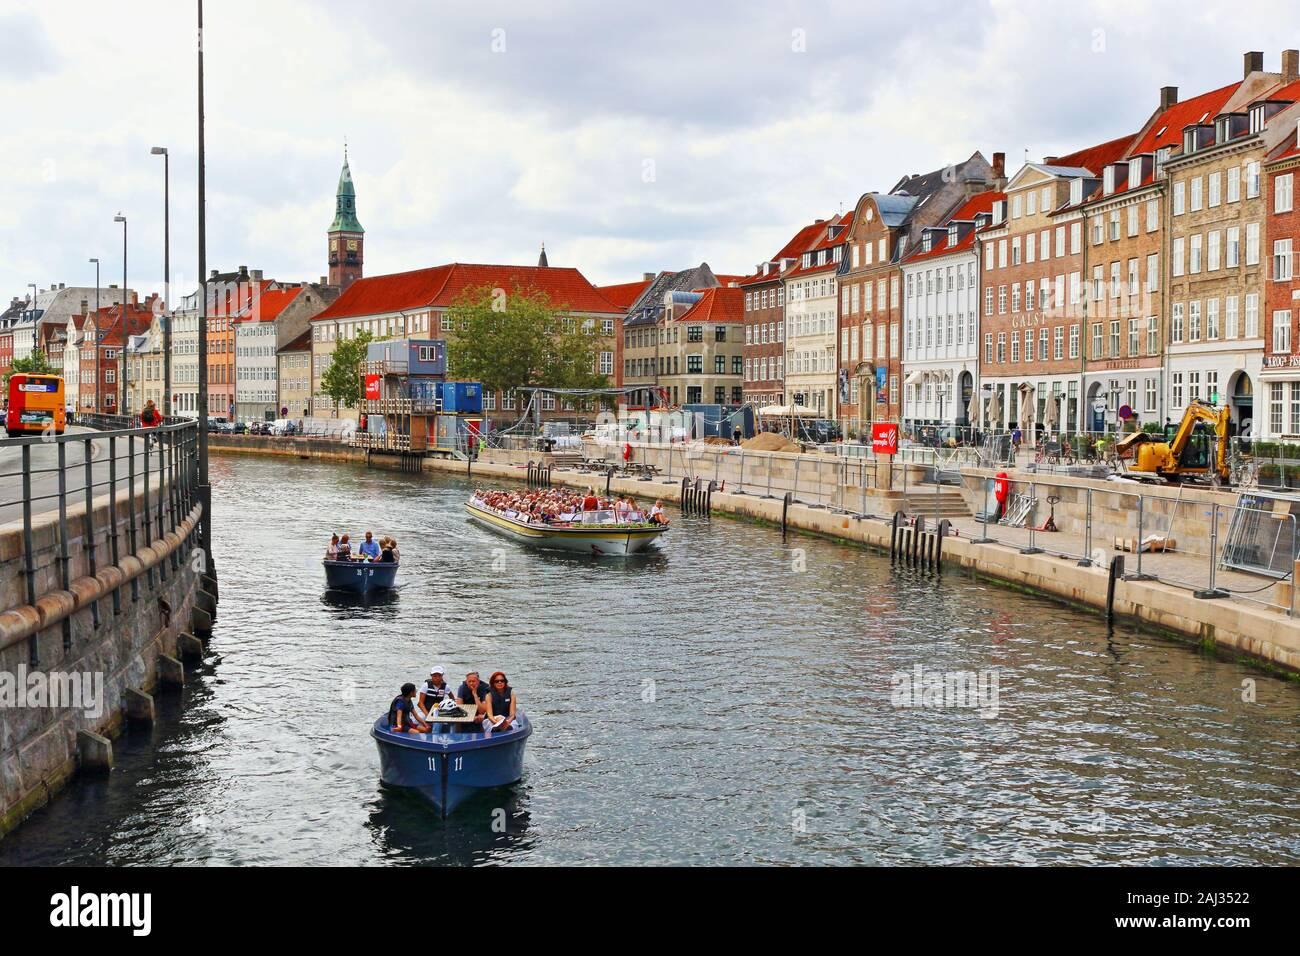 Barcos de excursión en un canal y Slotsholmen Gammel Strand calle bordeada por una hilera de coloridas casas antiguas en el centro de la ciudad de Copenhague, Dinamarca Foto de stock